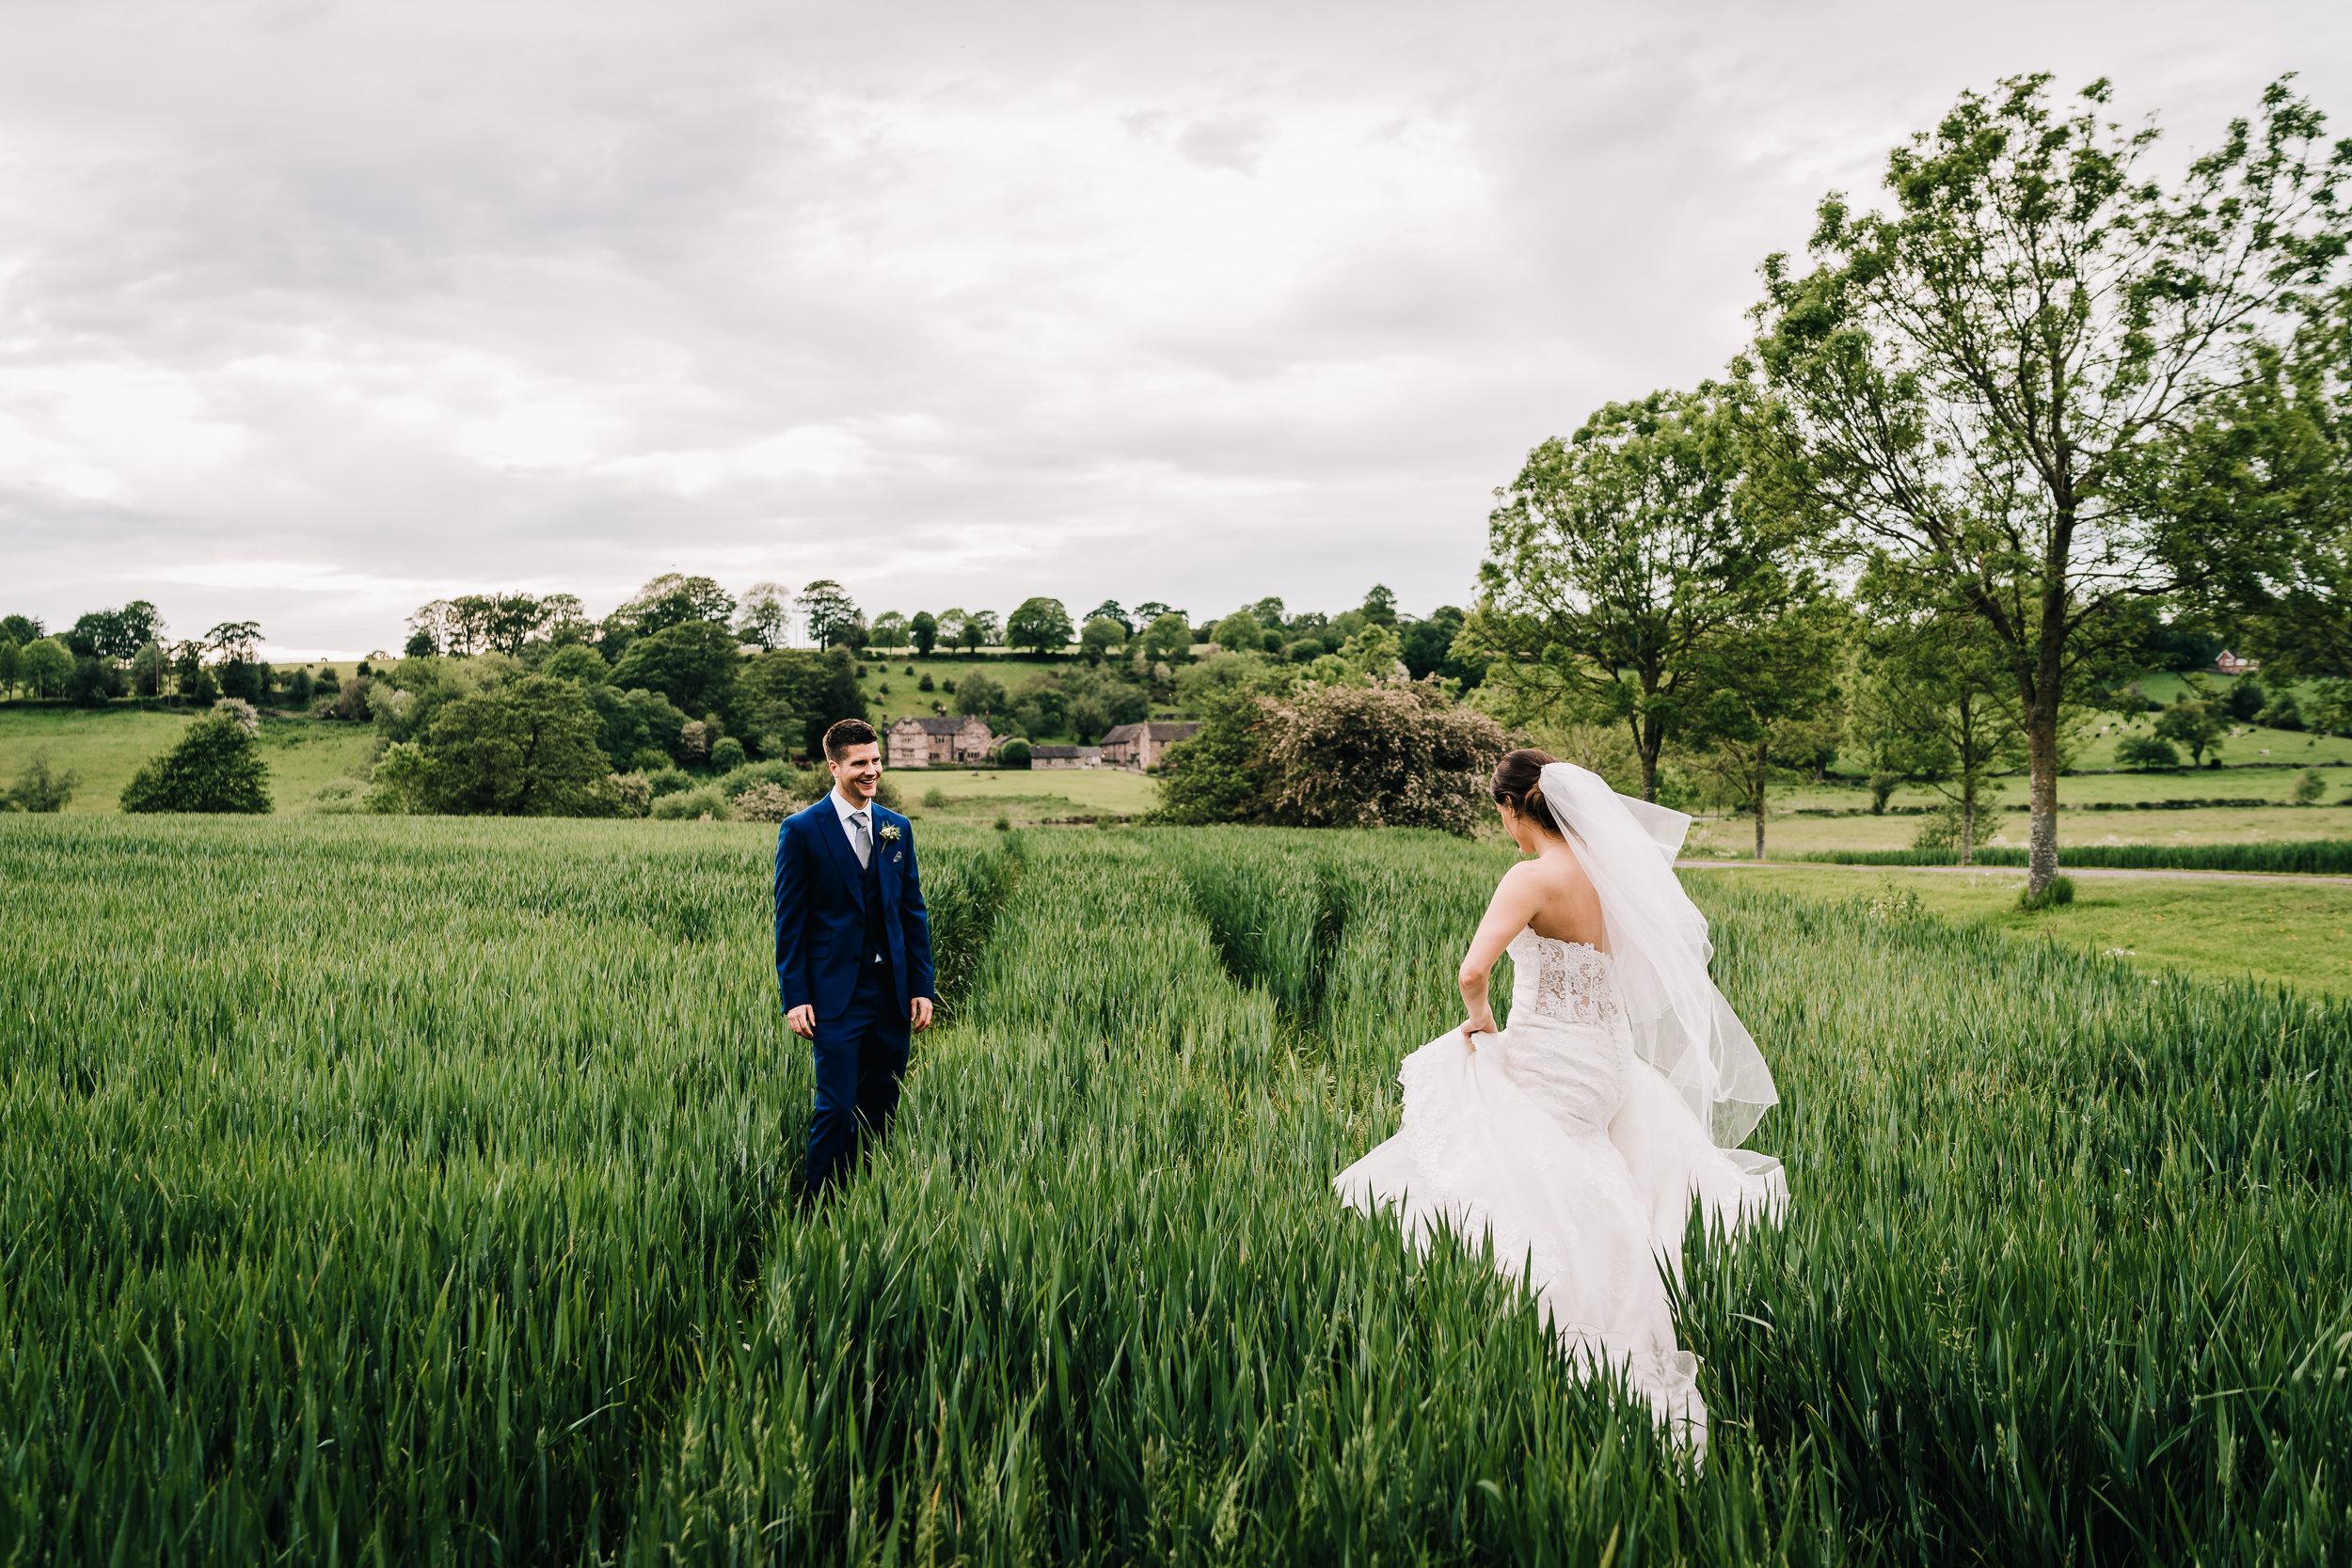 BRIDE AND GROOM IN FIELD DARK GREENS